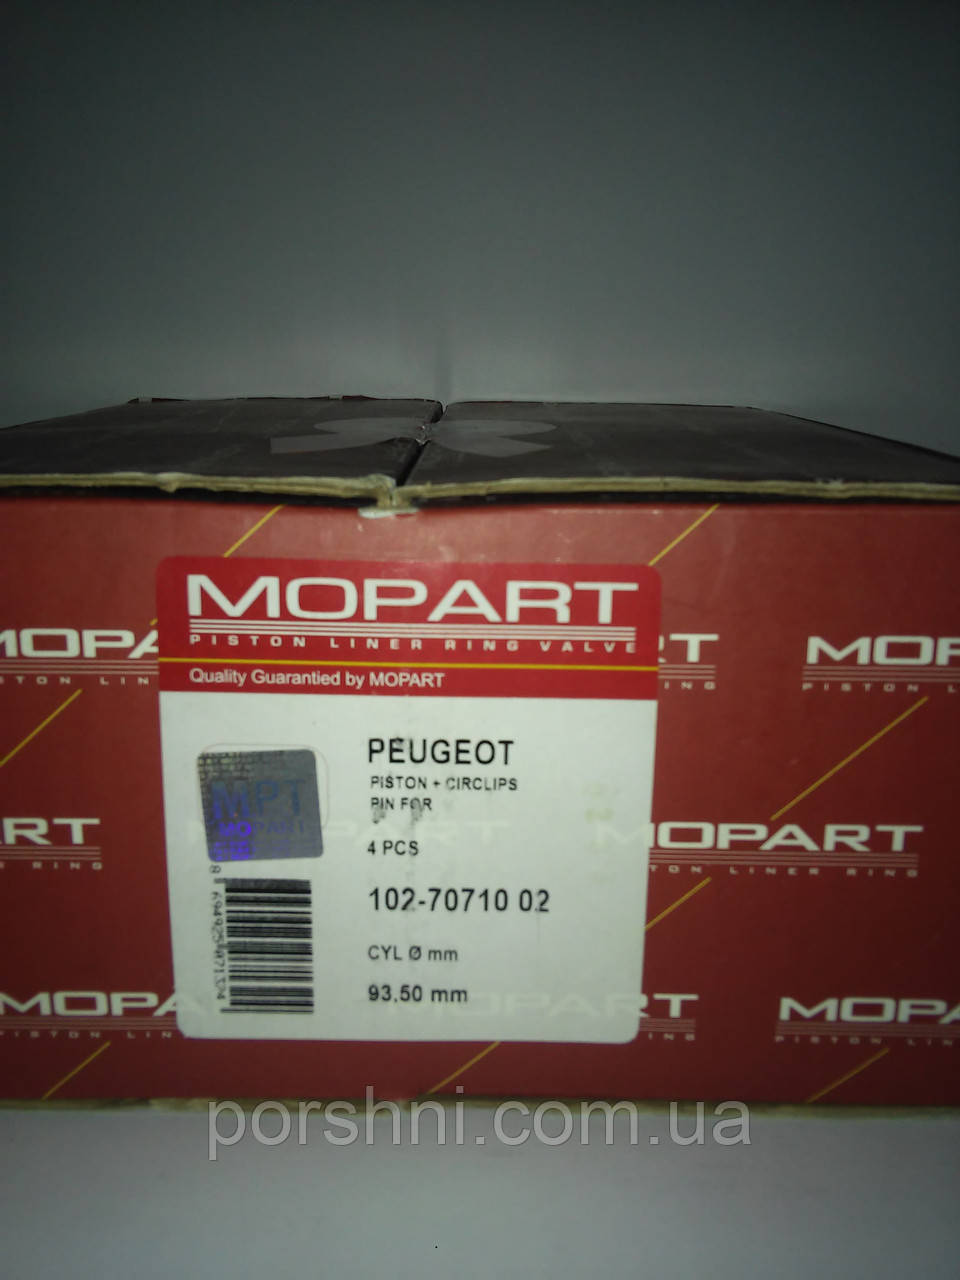 Поршня   Peugeot  2.5 д  U25 ( 2 х 2 х 4 )   диам  93.5 Mopisan 7071002